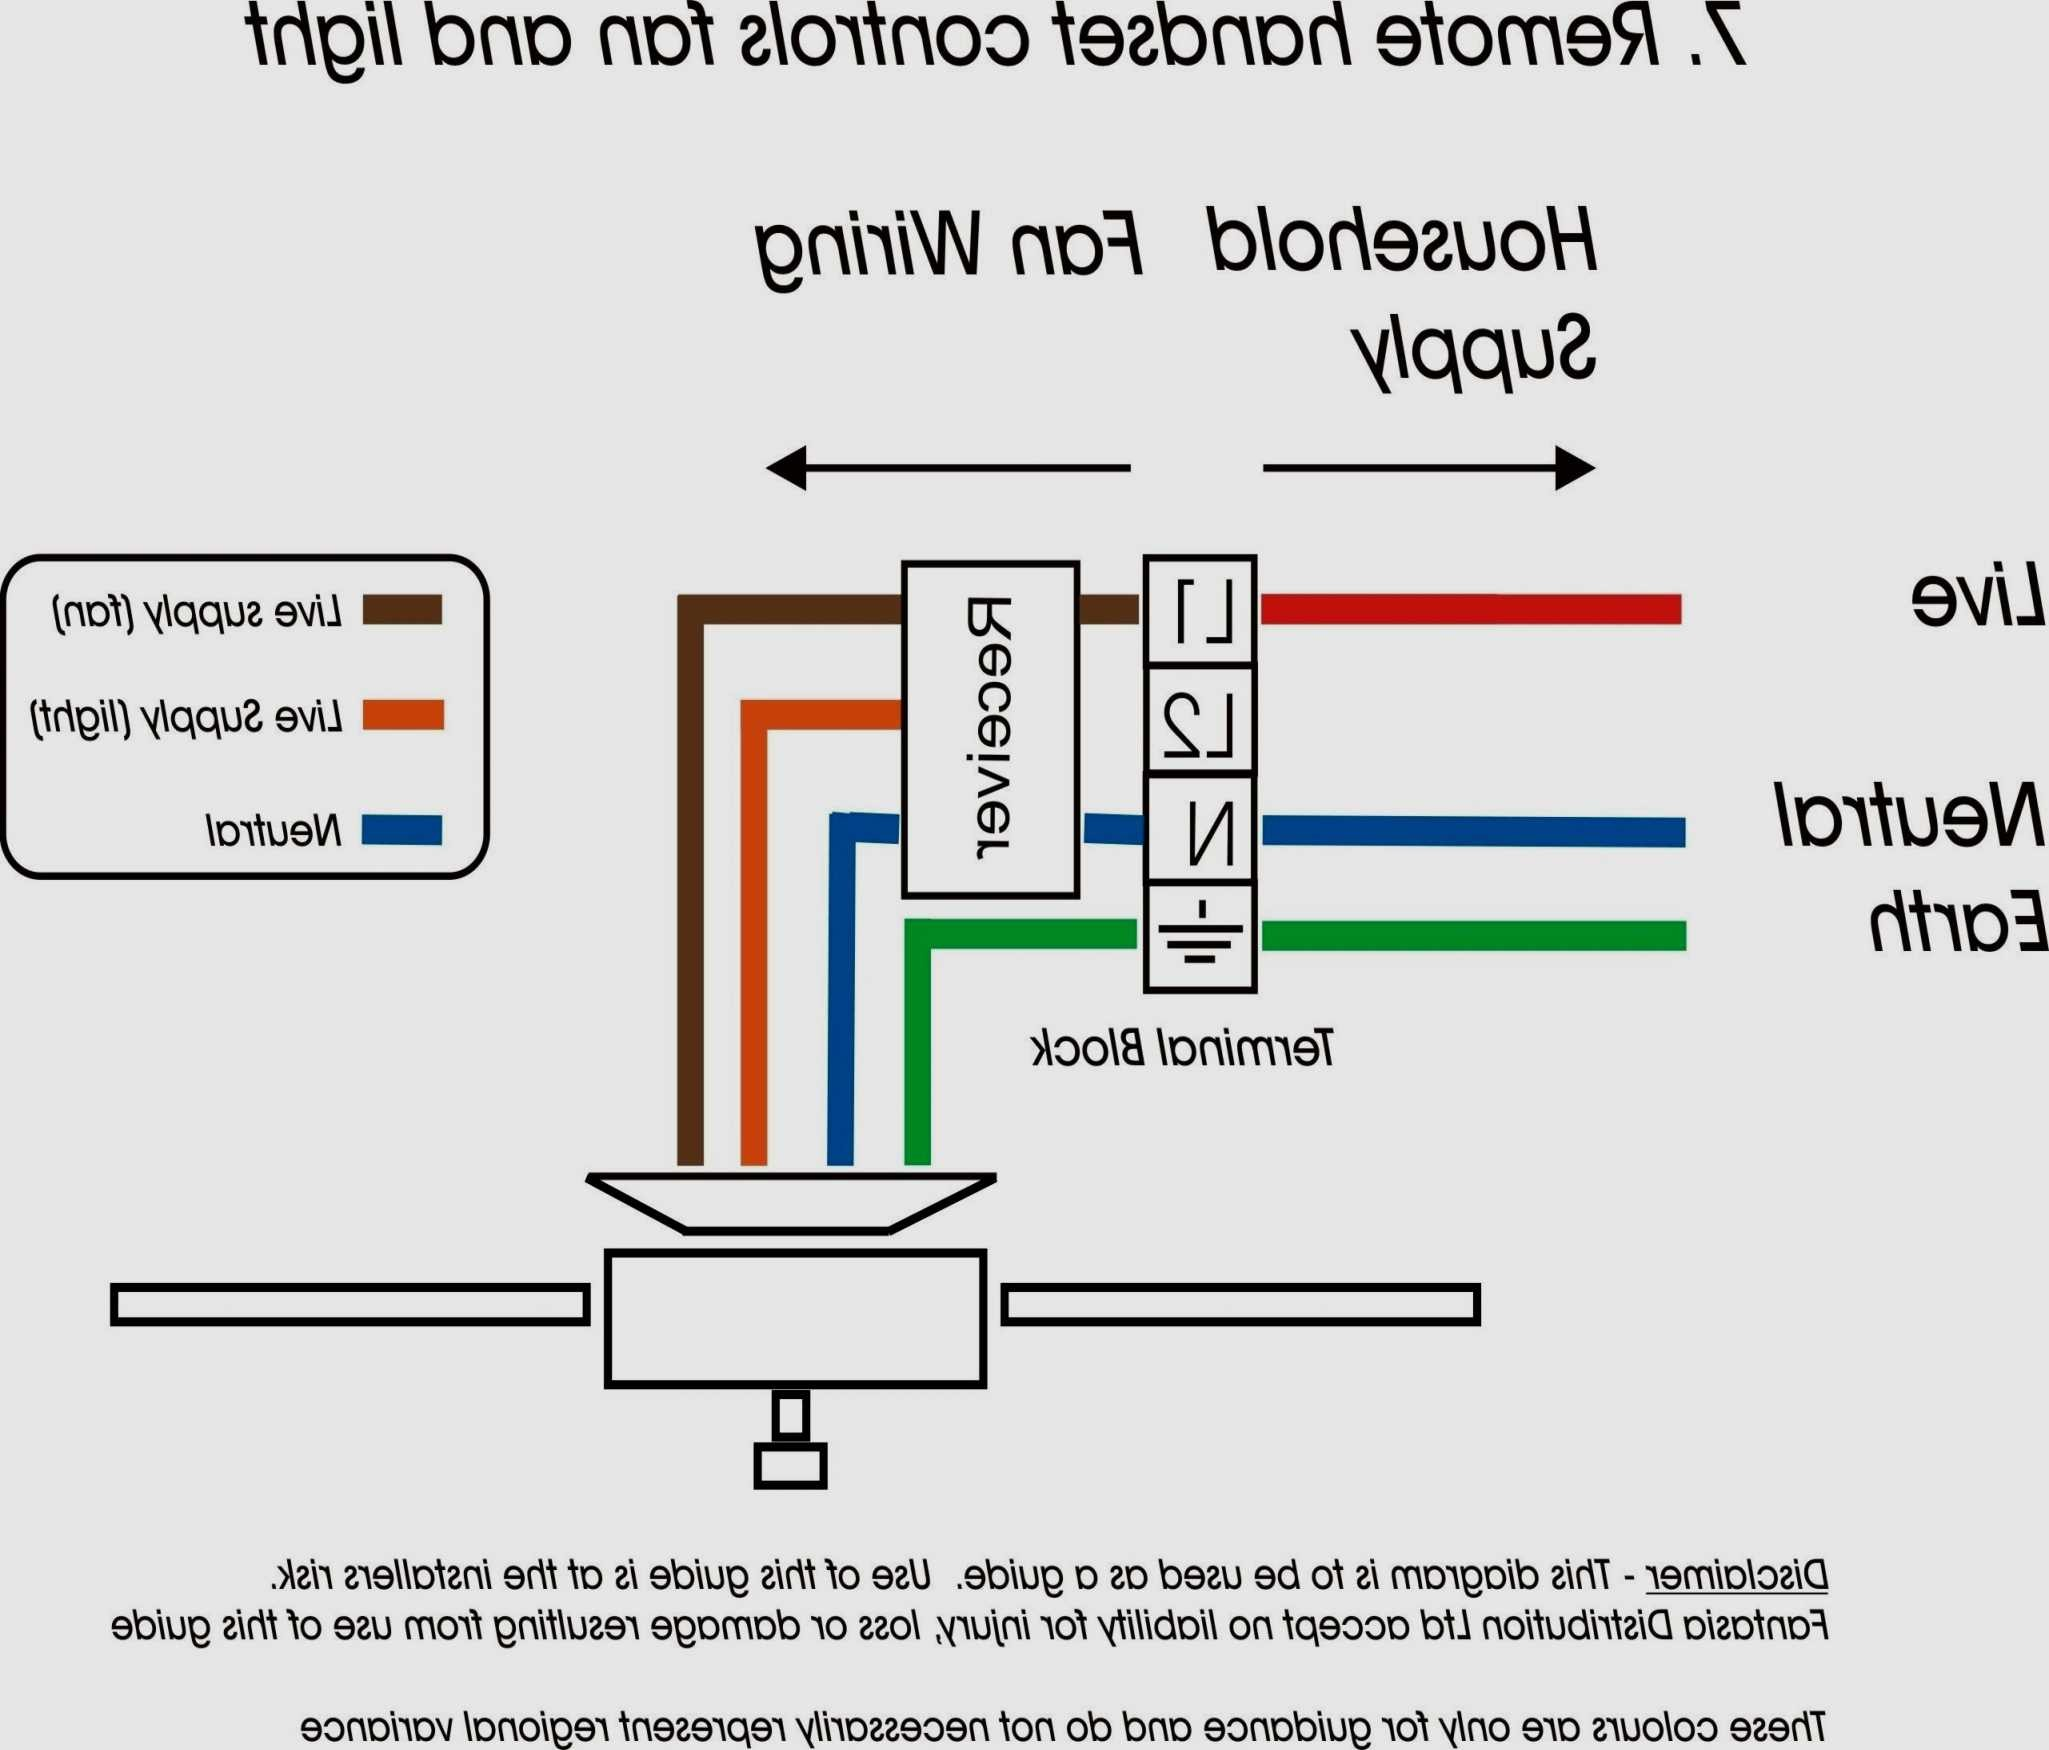 Rj45 Jack Wiring Diagram Rj45 Wiring Diagram Albertasafety Of Rj45 Jack Wiring Diagram